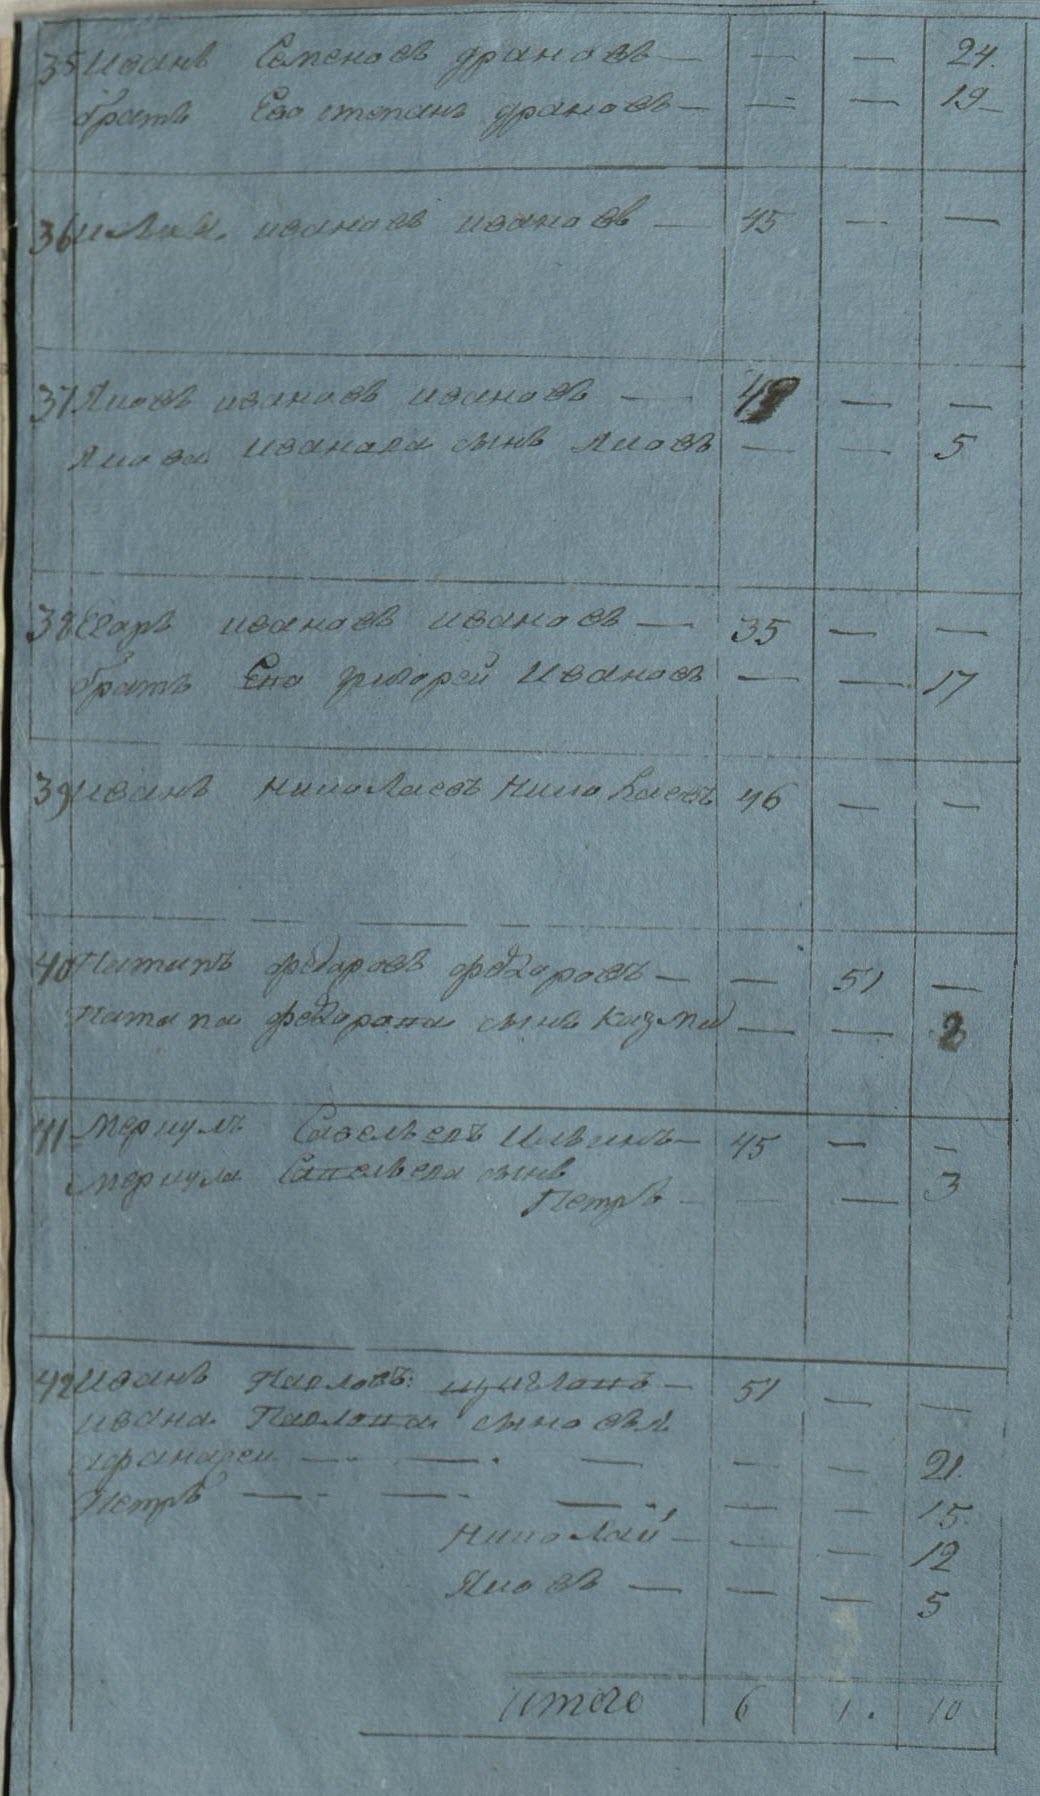 D:\ГАСК ф 748 о 1 д 1 лист 7об Ивановы.JPG